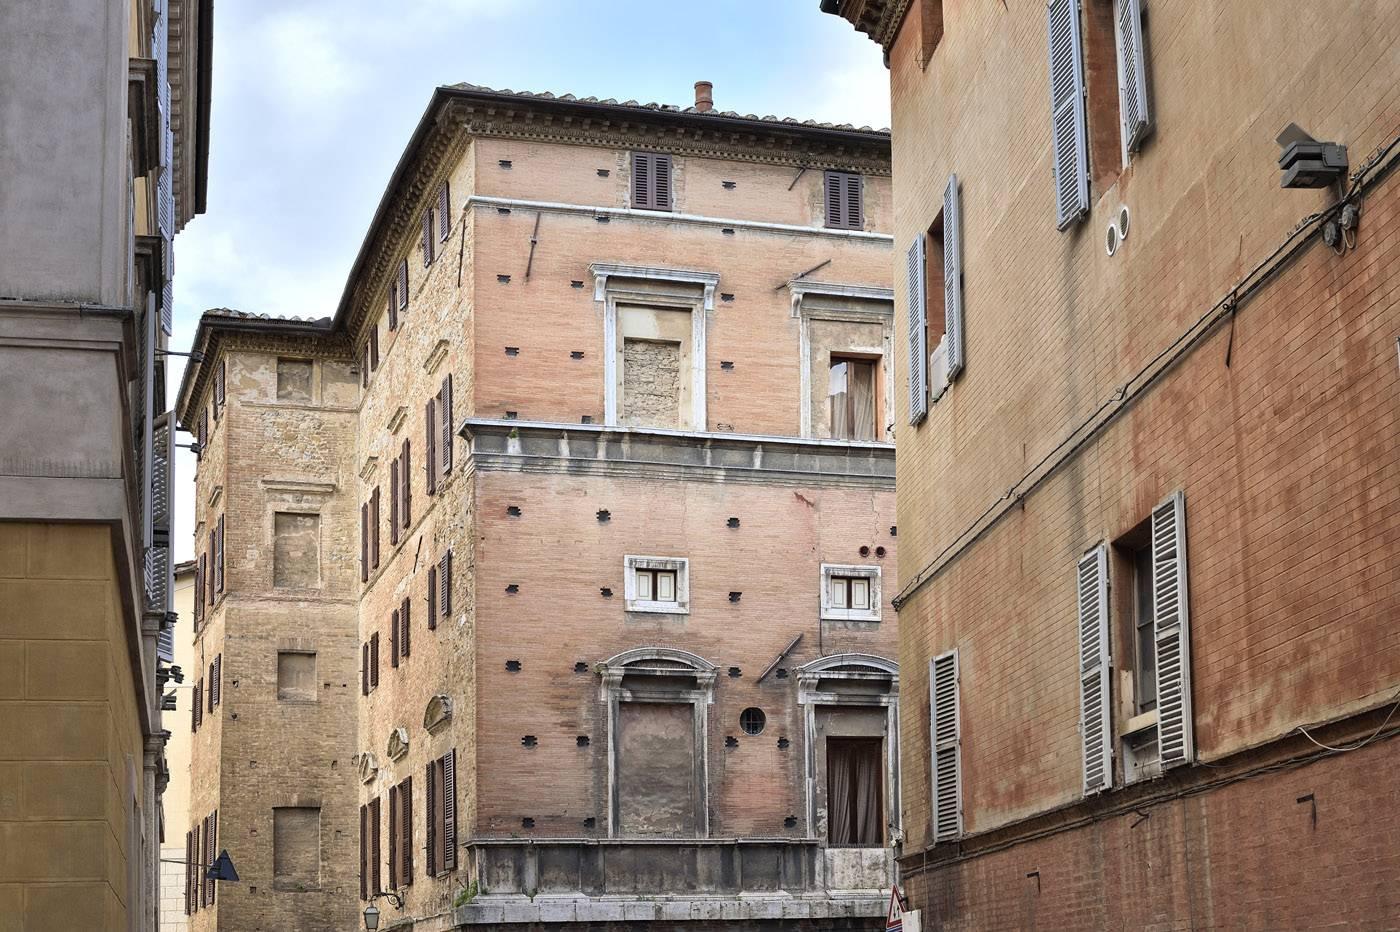 Appartamento in Vendita a Siena: 3 locali, 100 mq - Foto 9